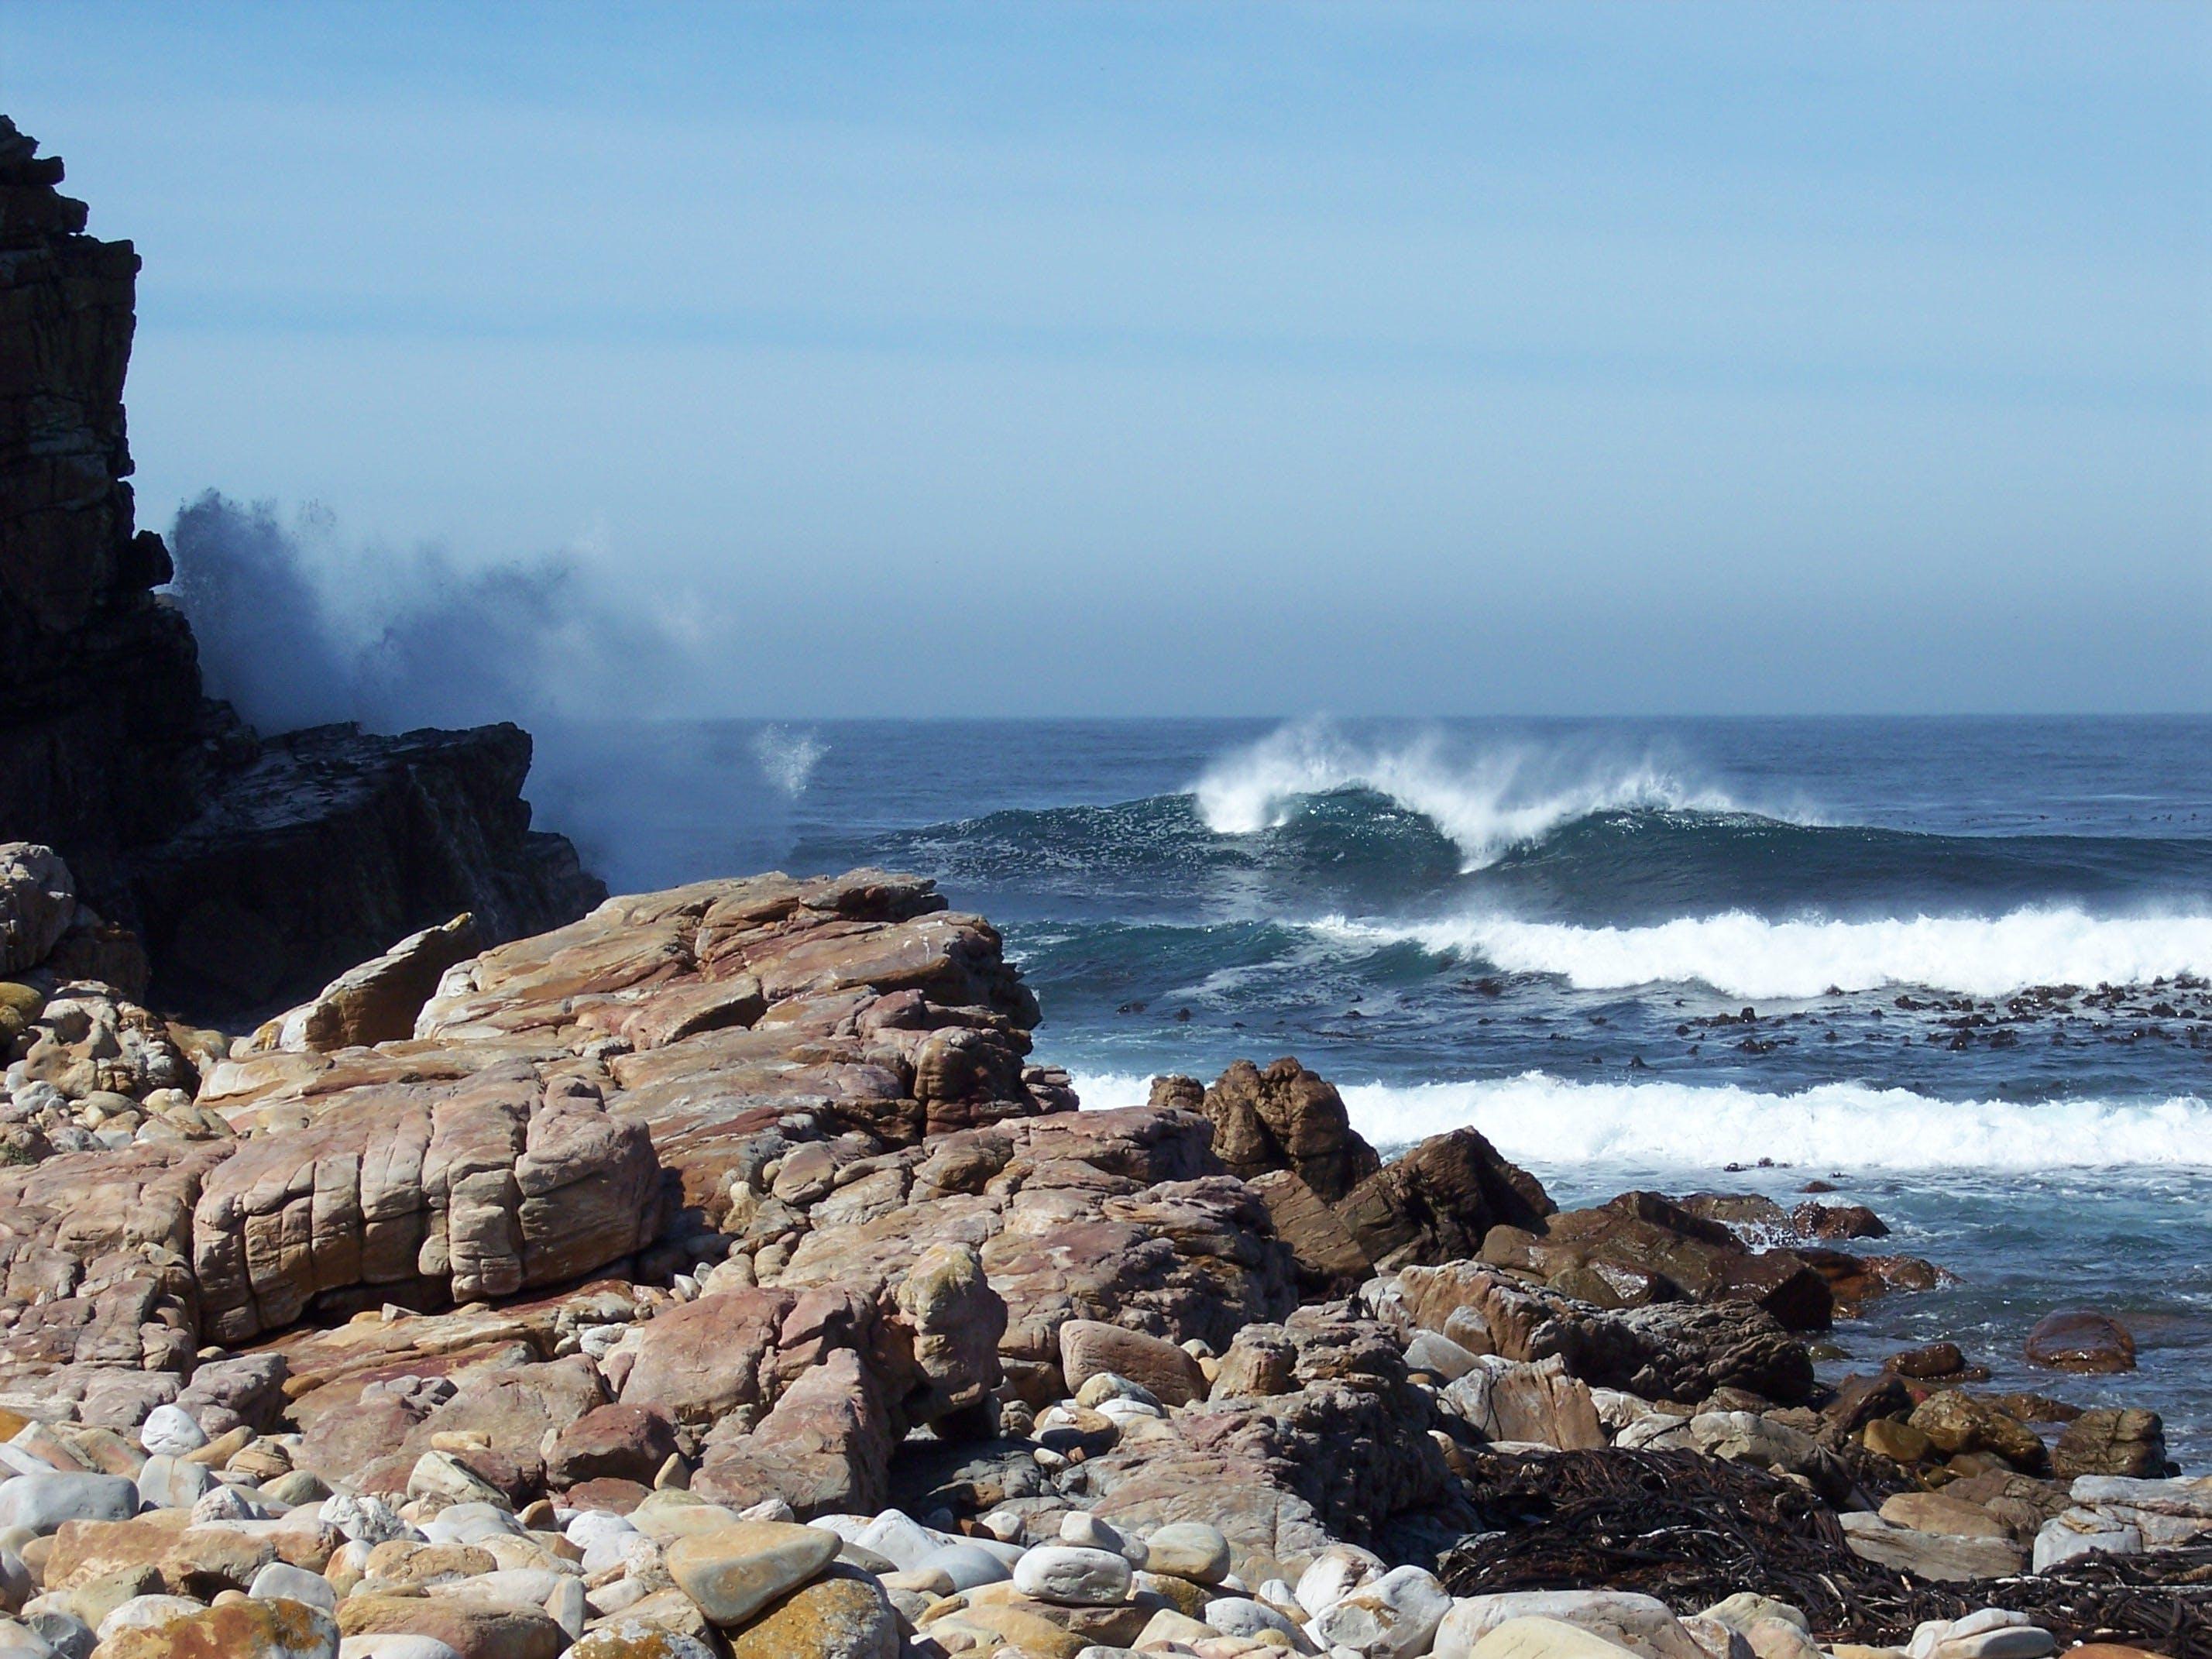 Gratis lagerfoto af bølger, hav, havudsigt, klippefyldt